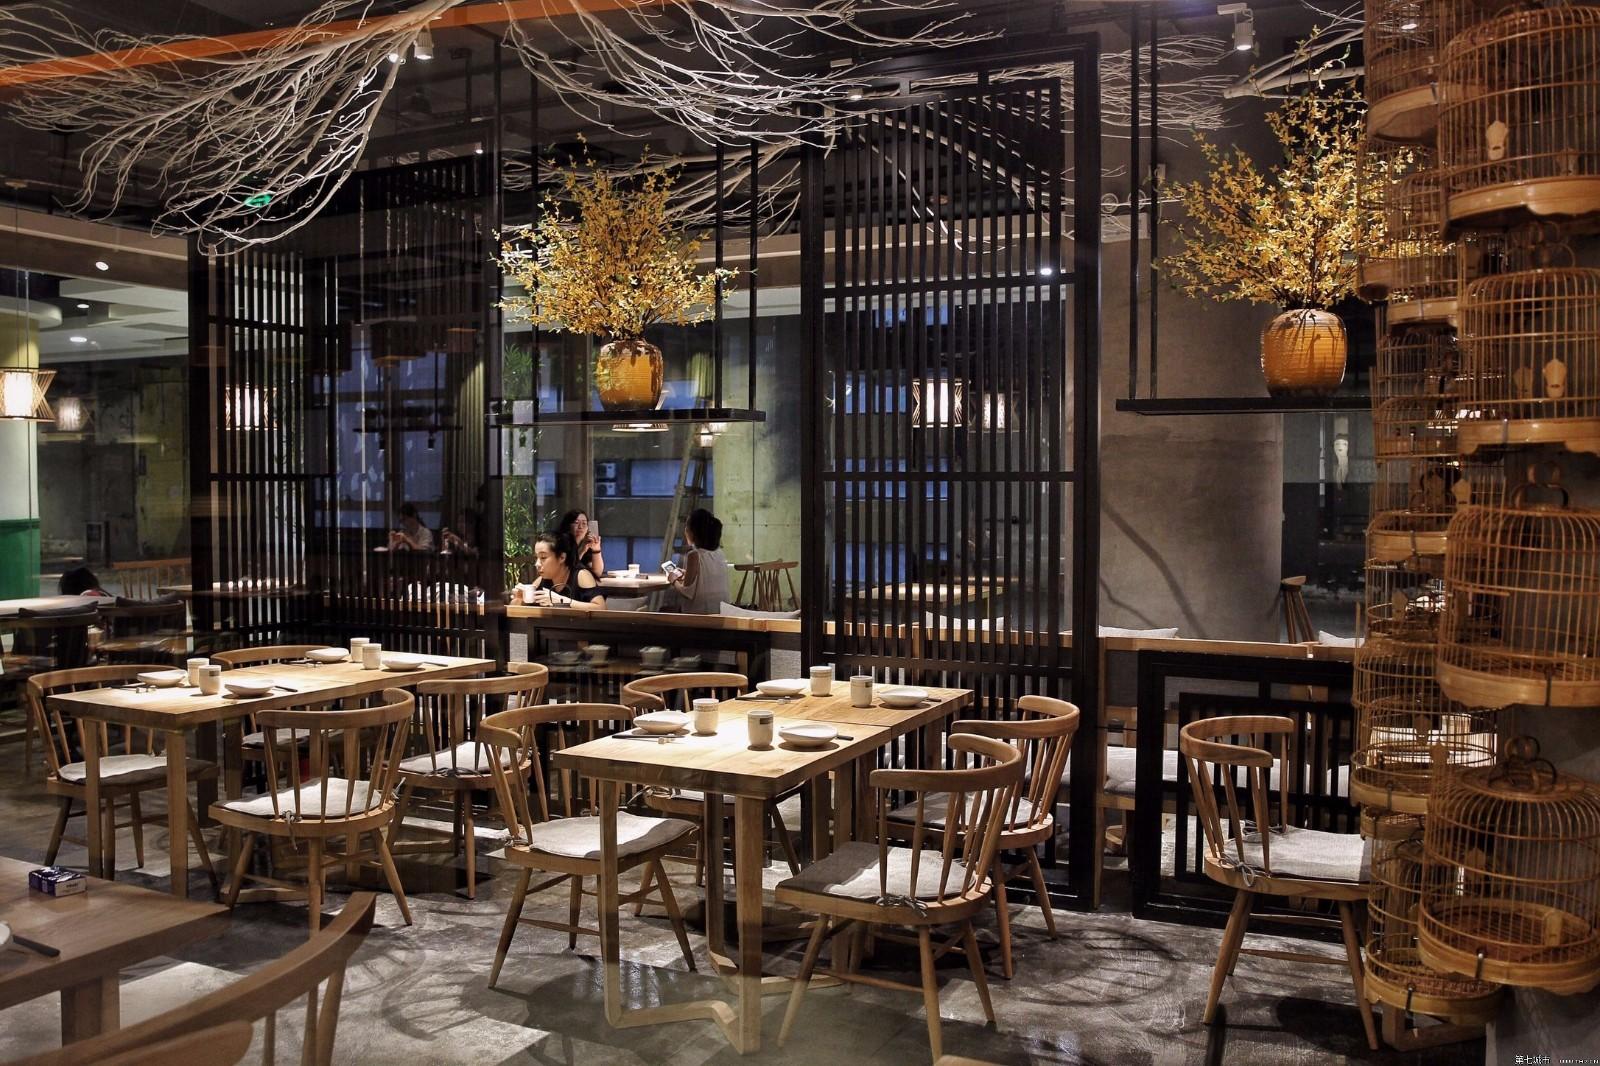 餐厅吊顶生态木_生态餐厅设计_原生态餐厅设计